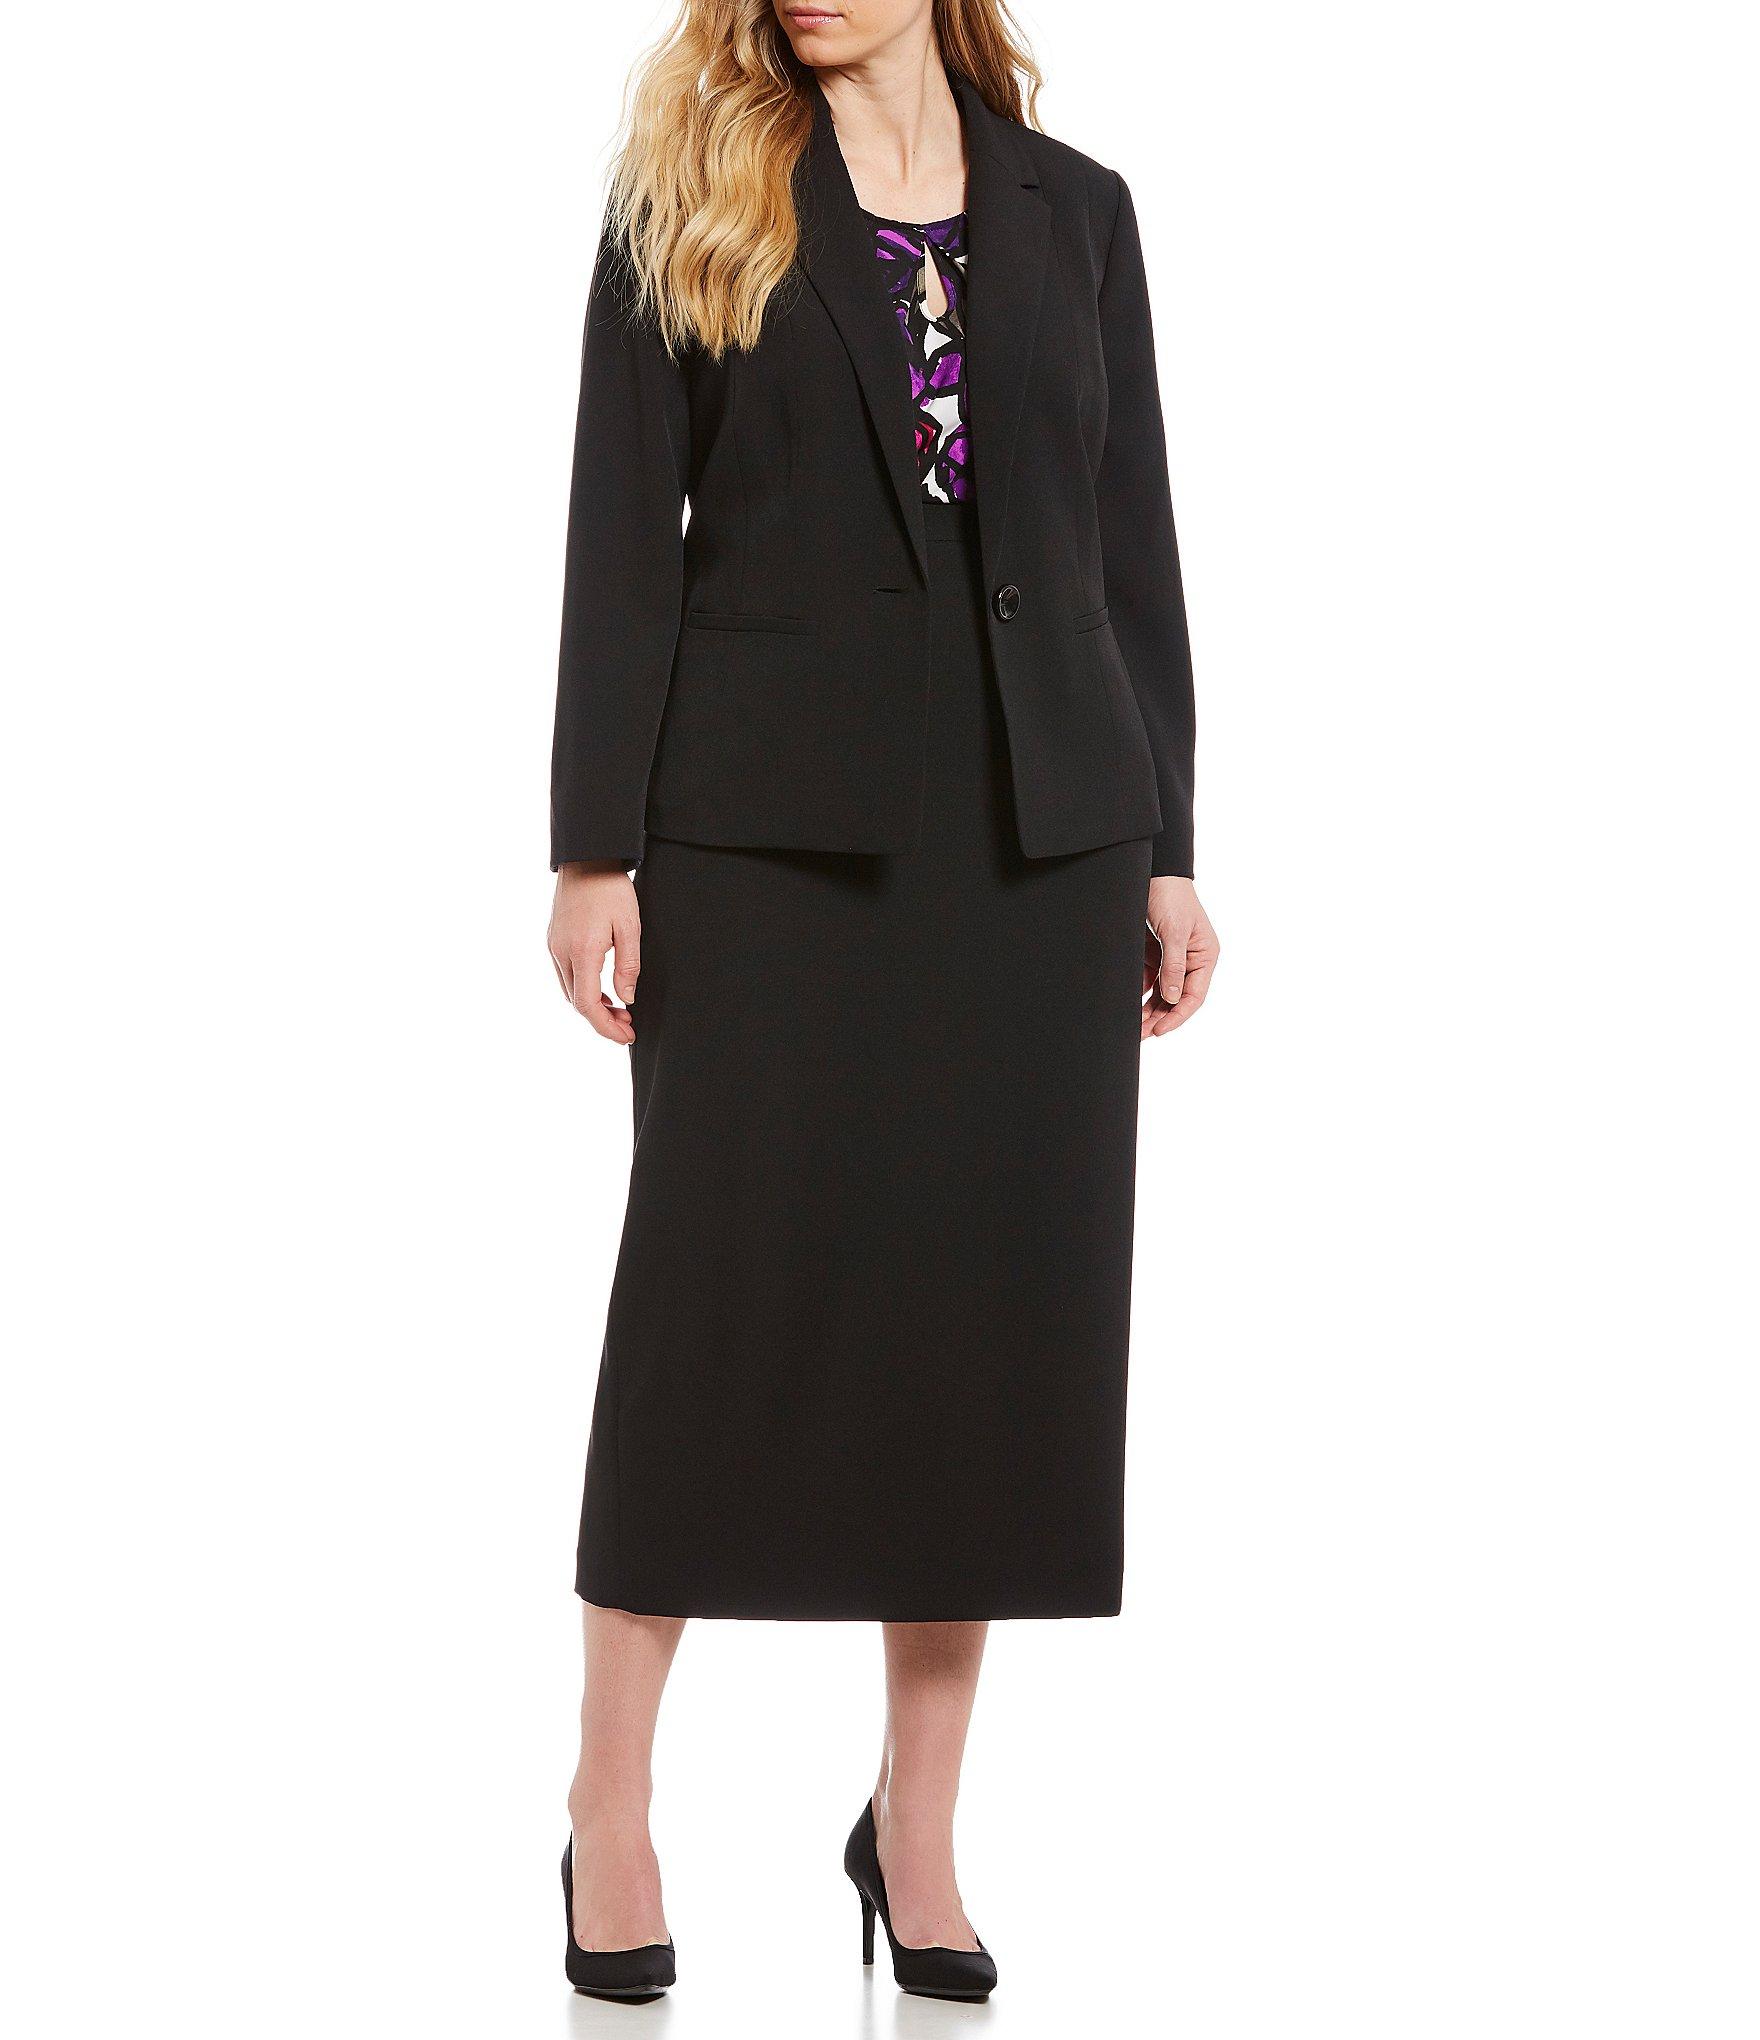 Kasper Women S Plus Size Clothing Dillard S